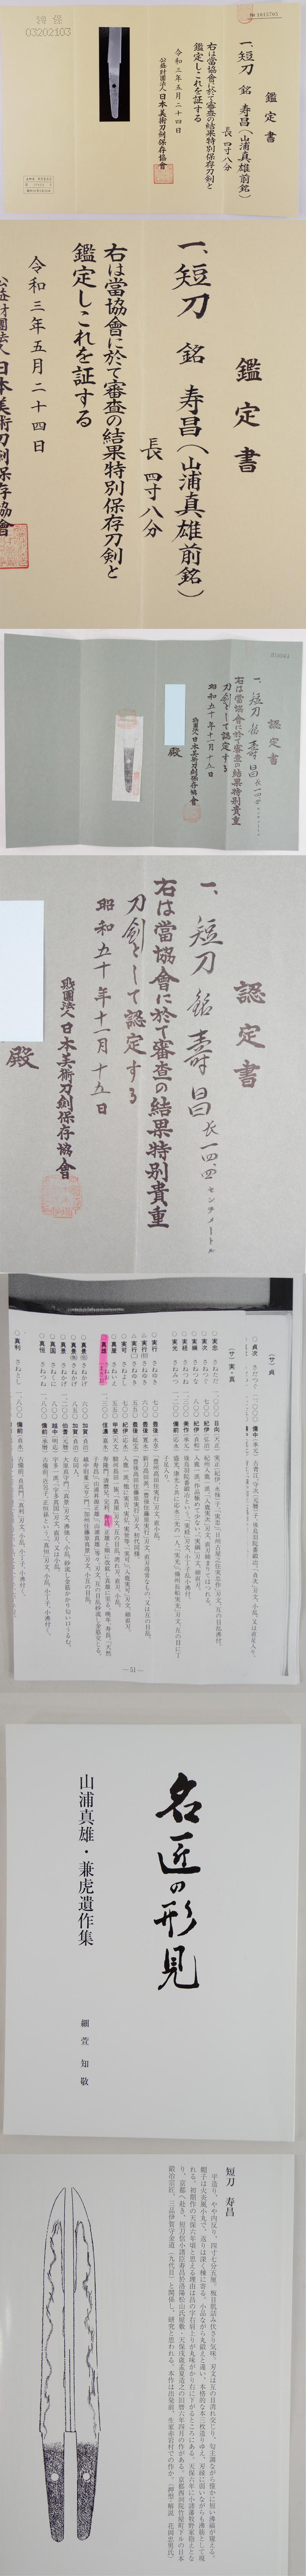 短刀 寿昌(山浦真雄前銘) (清麿の兄) (新々刀 上々作) Picture of Certificate